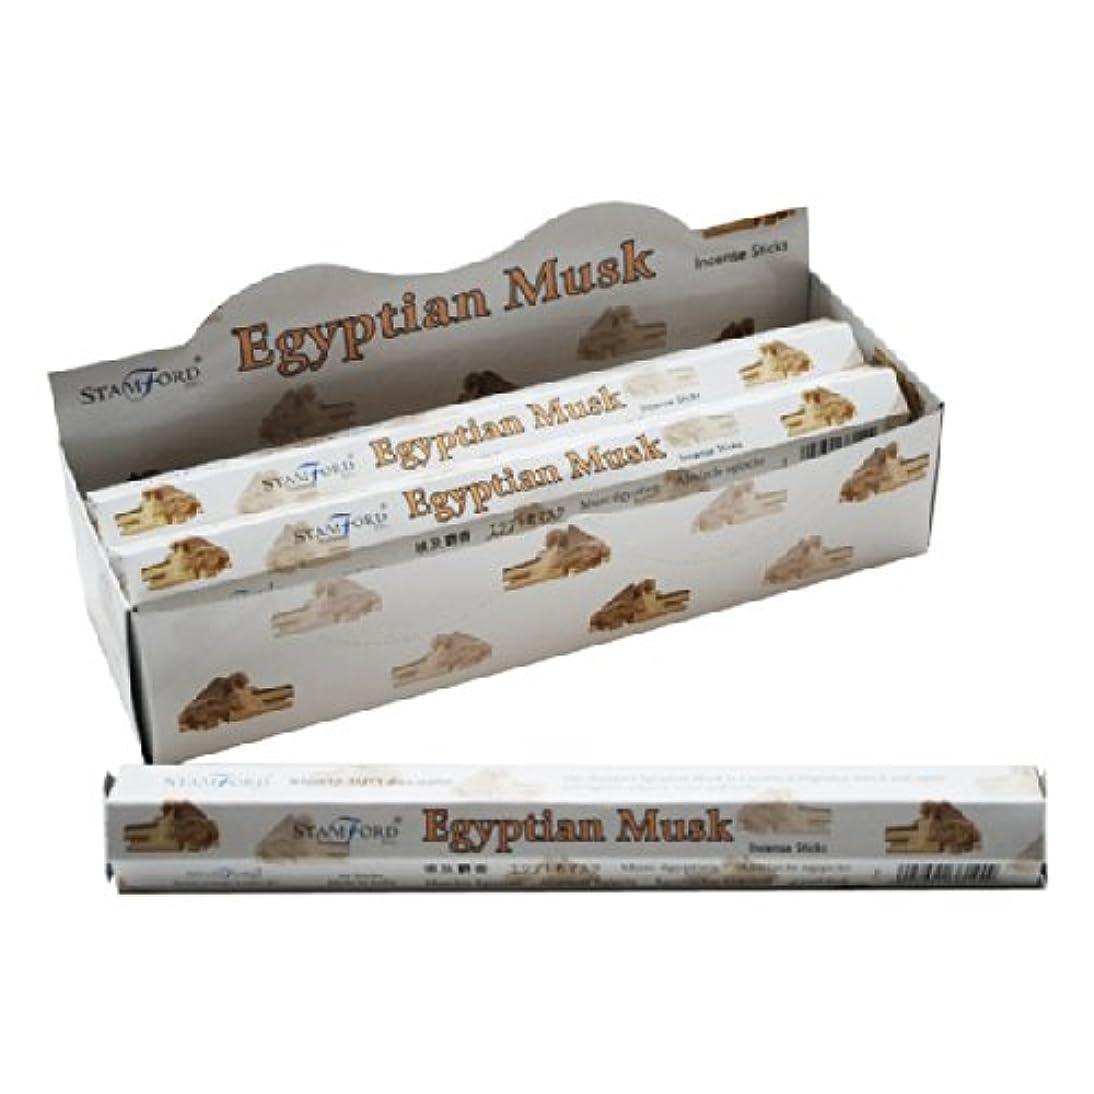 電卓一タックル6 Packs Of Elements Egyptian Musk Incense Sticks